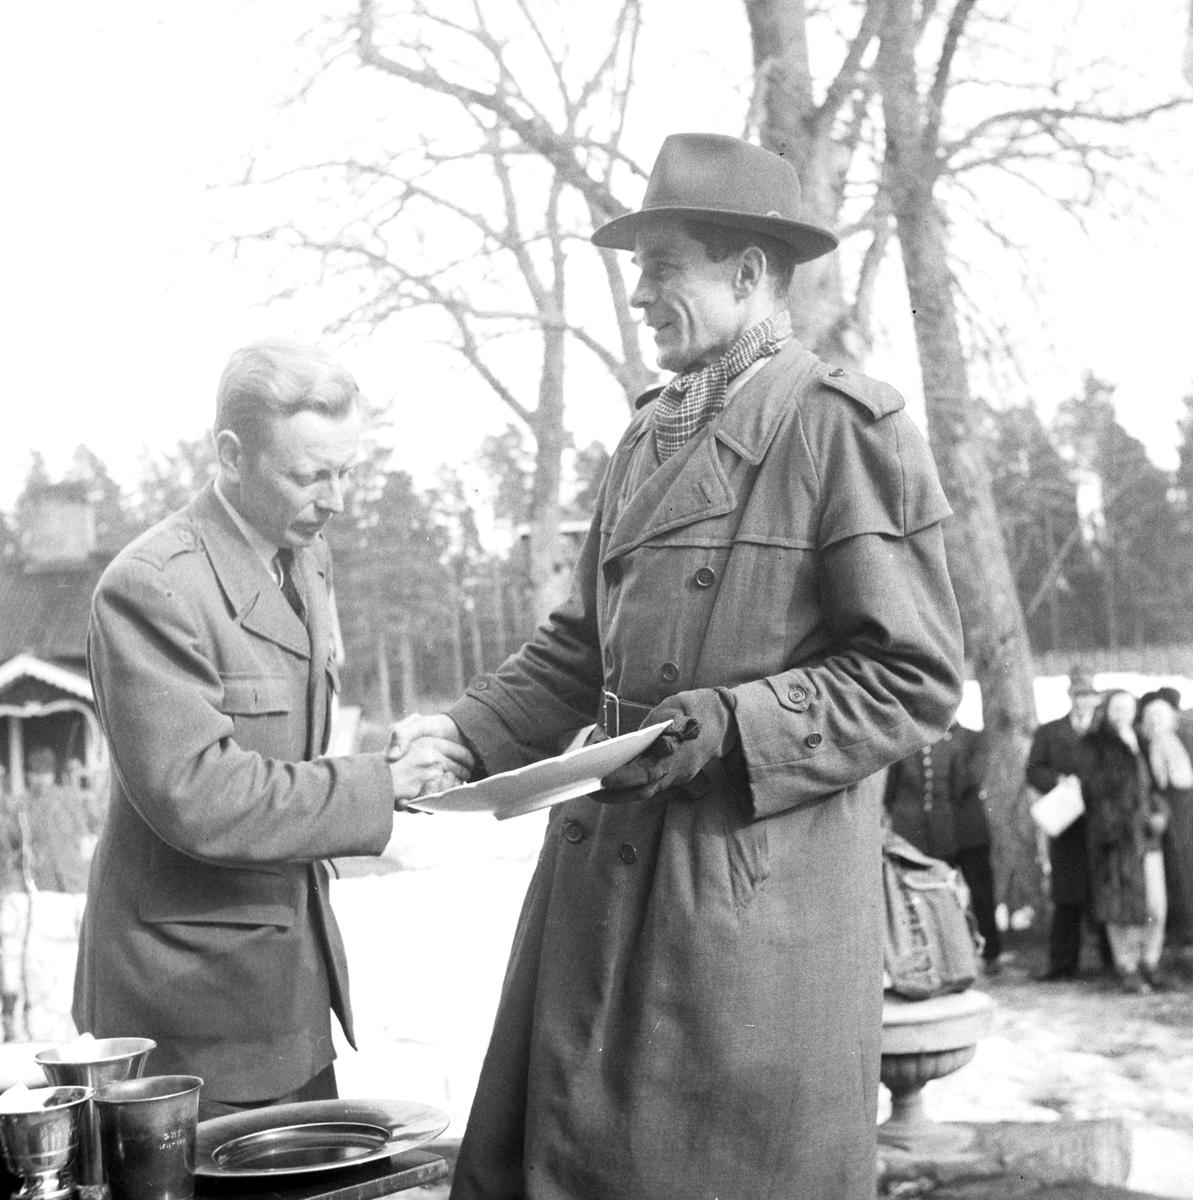 Frivilliga Befälsutbildningsförbundets 40 årsjubileum. 15 april 1951. Skyttetävlingar.